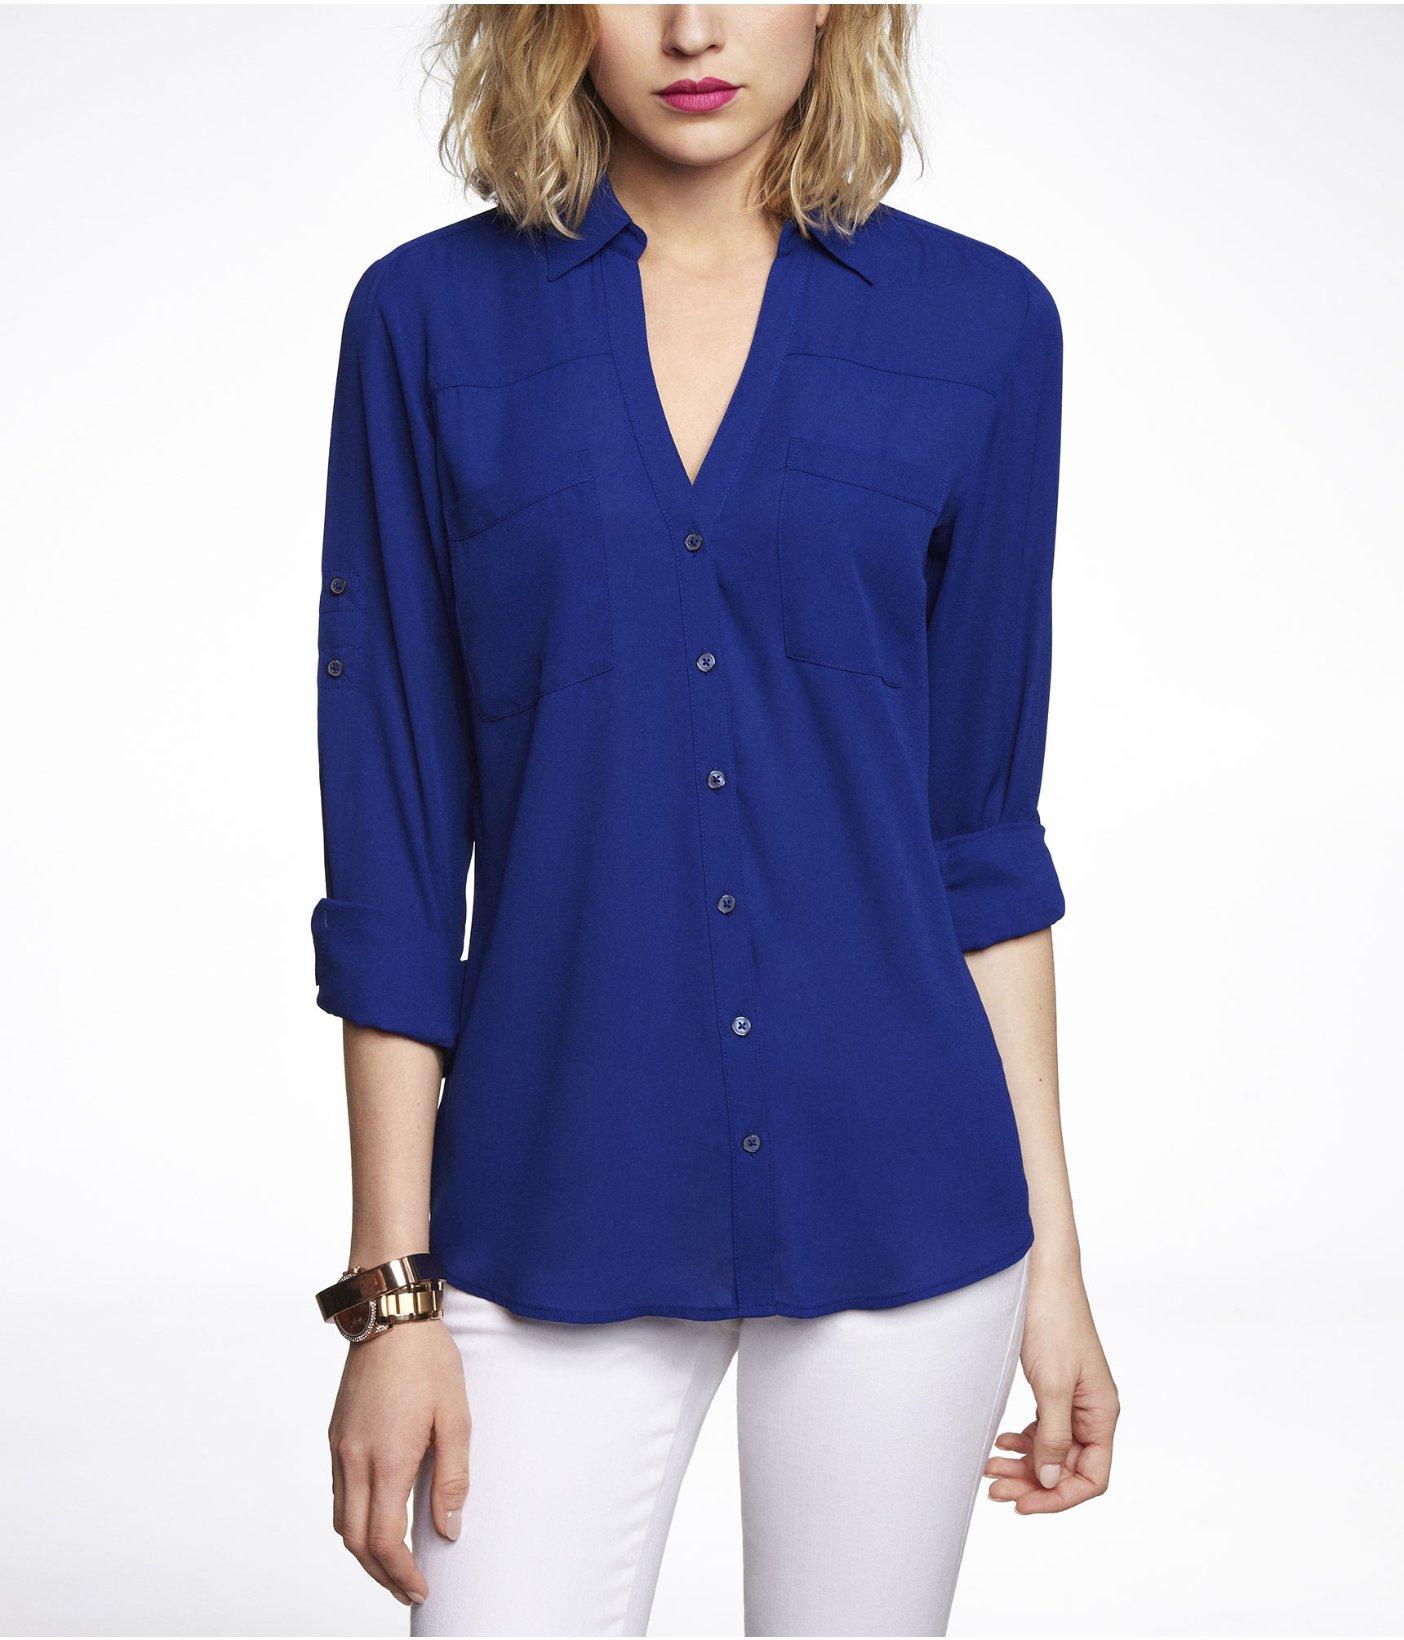 Women Tunic Shirts